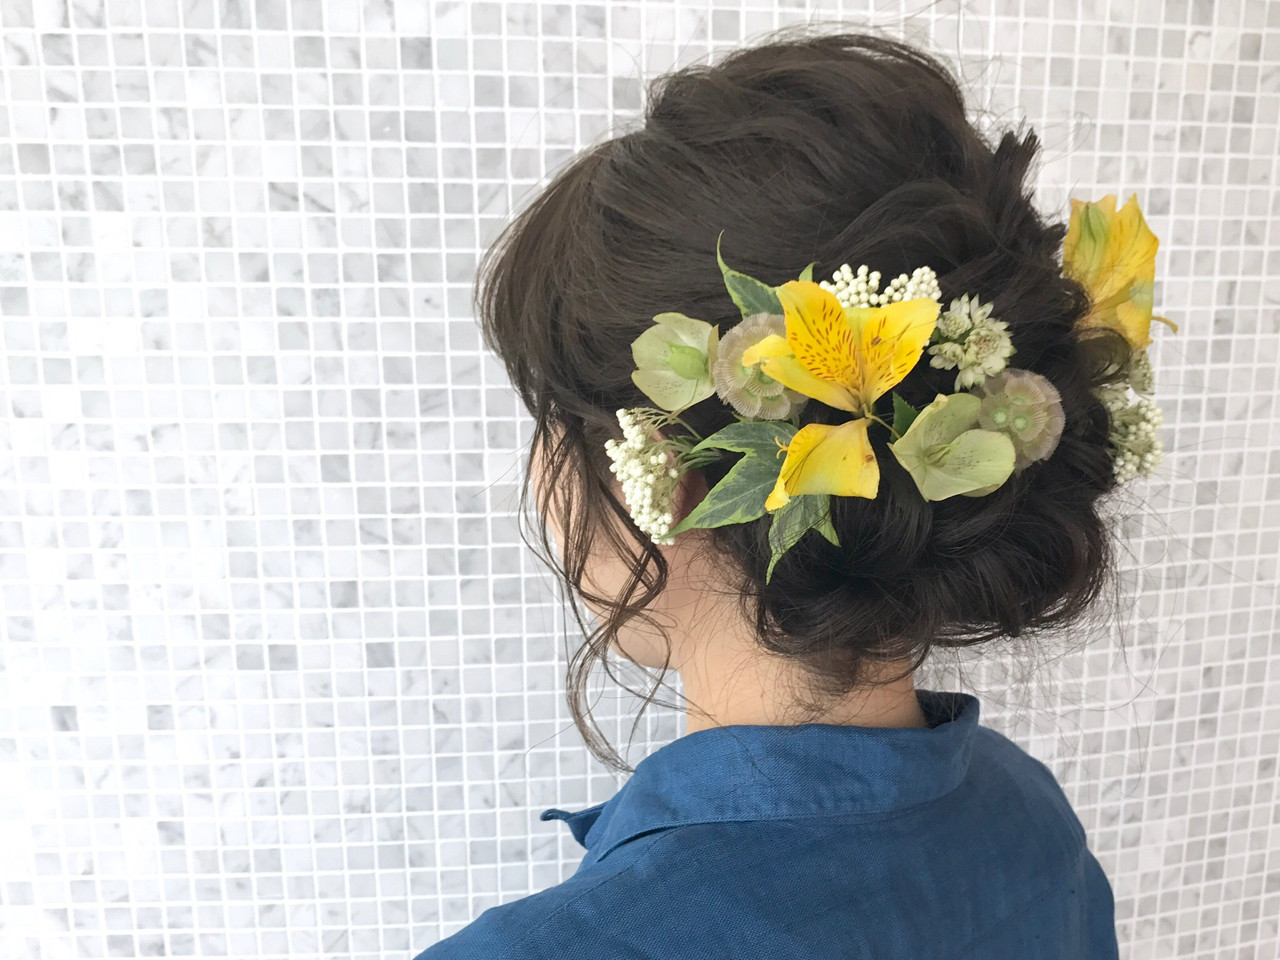 成人式 ヘアアレンジ 結婚式 セミロング ヘアスタイルや髪型の写真・画像